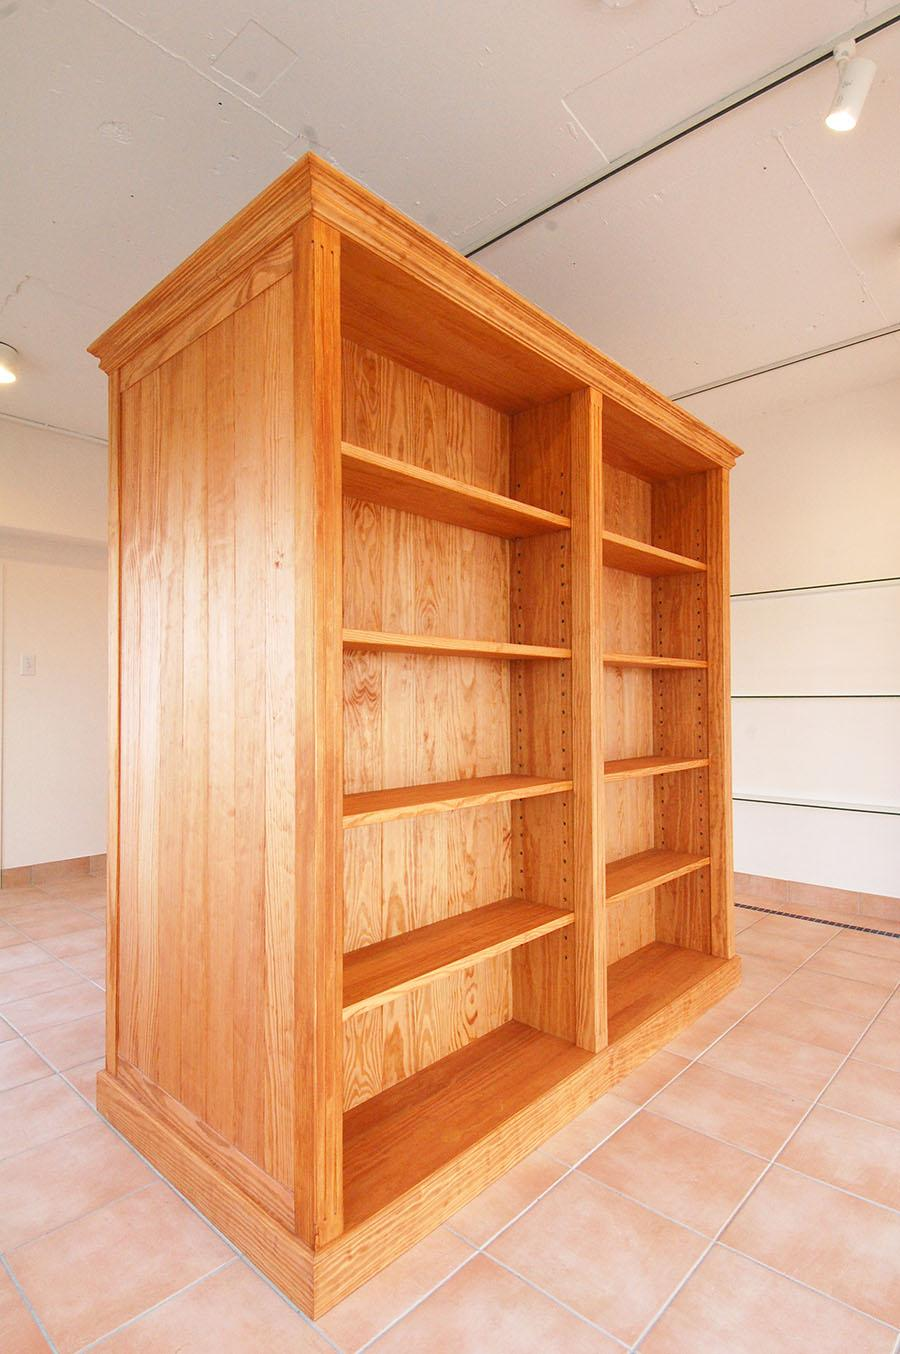 特注の棚は既製のものにはない雰囲気があっていい感じ